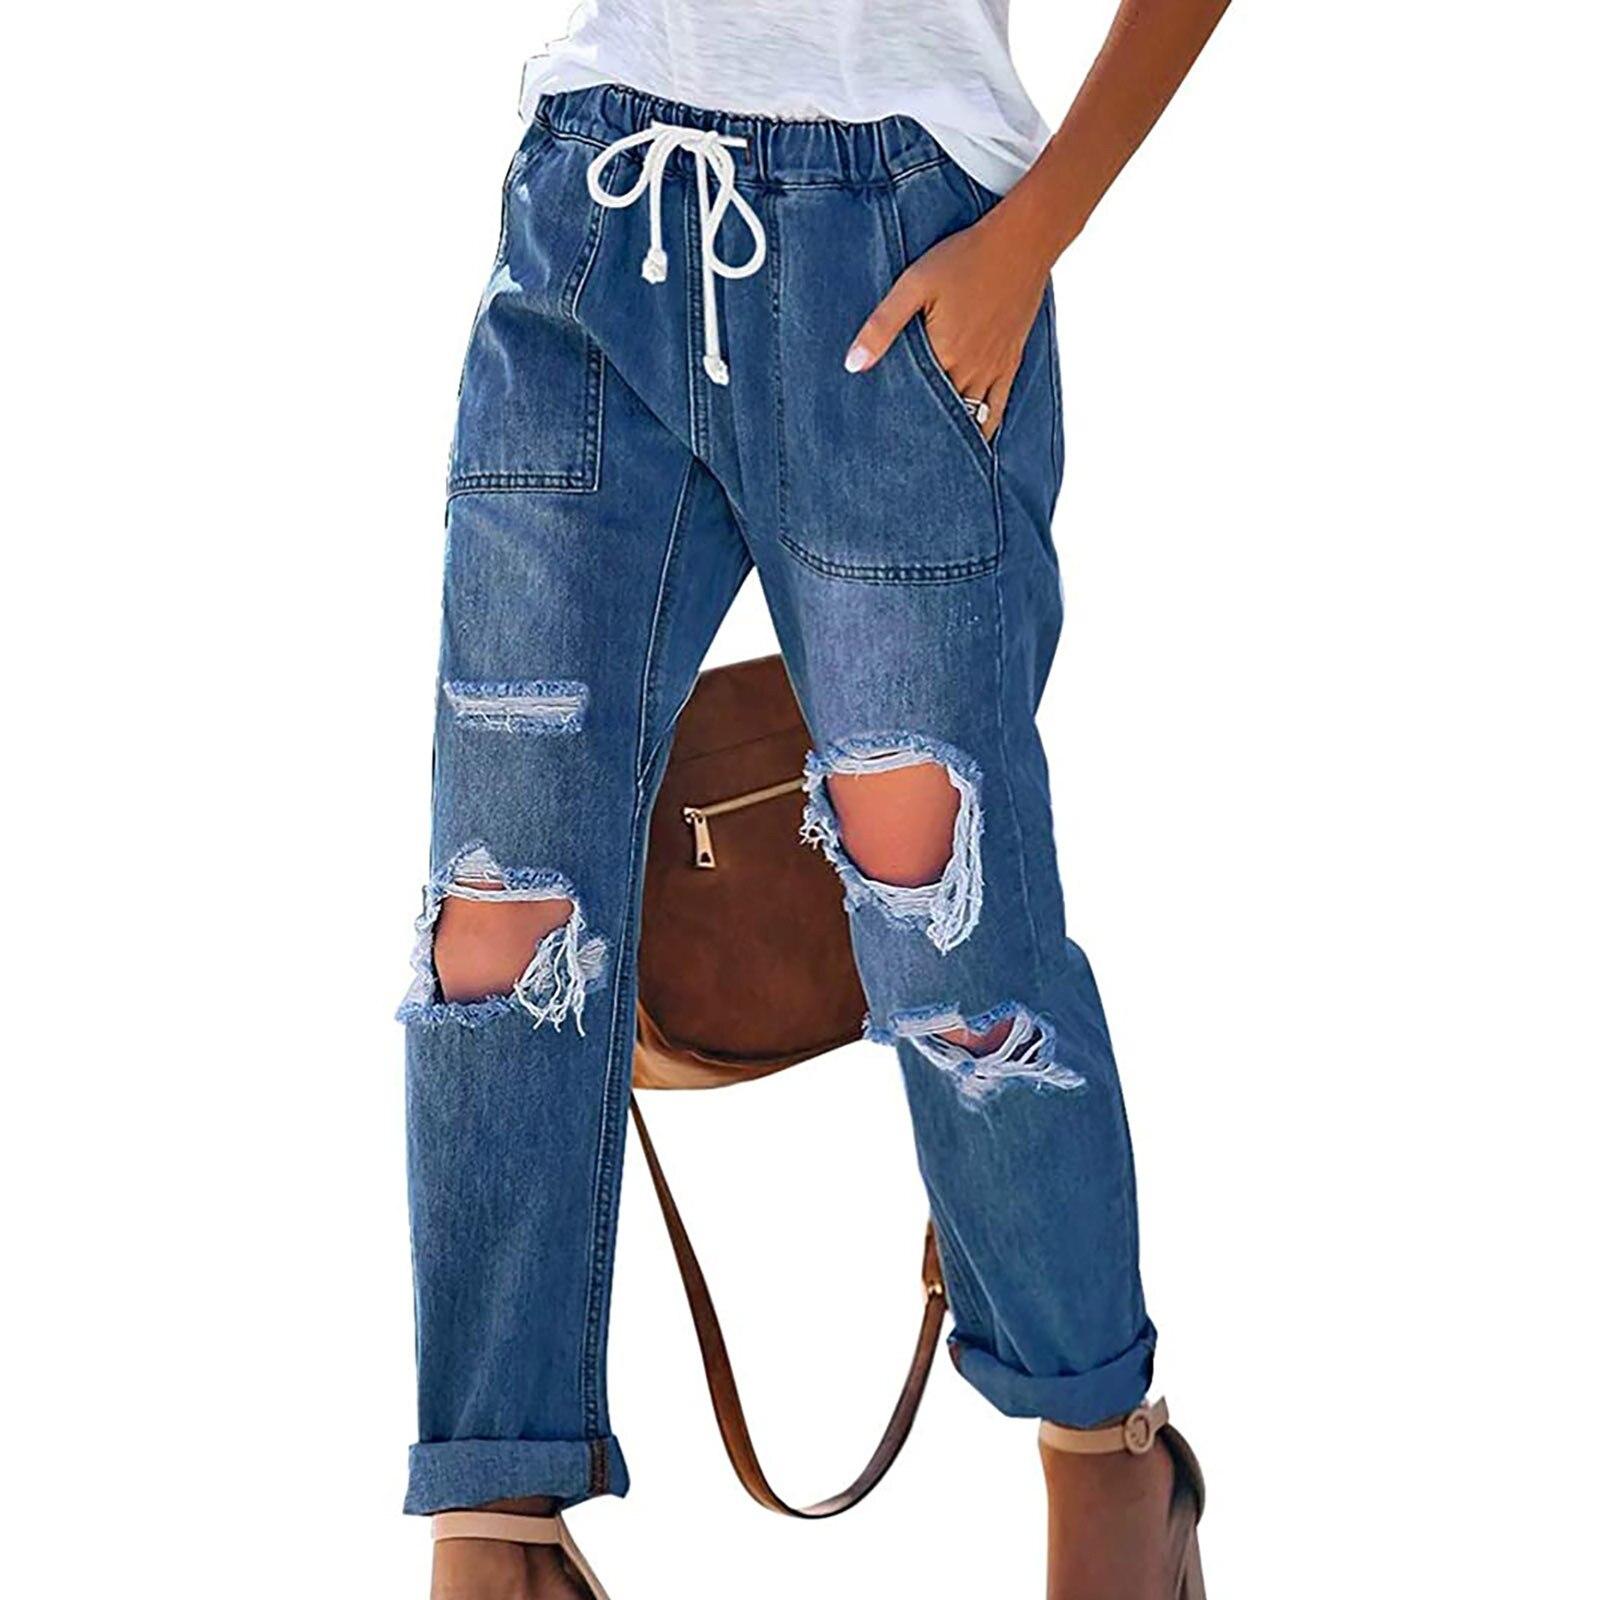 Женские джинсы Chicros, мешковатые джинсы, женские джинсы, Выбеленные рваные джинсы средней длины, женские джинсы